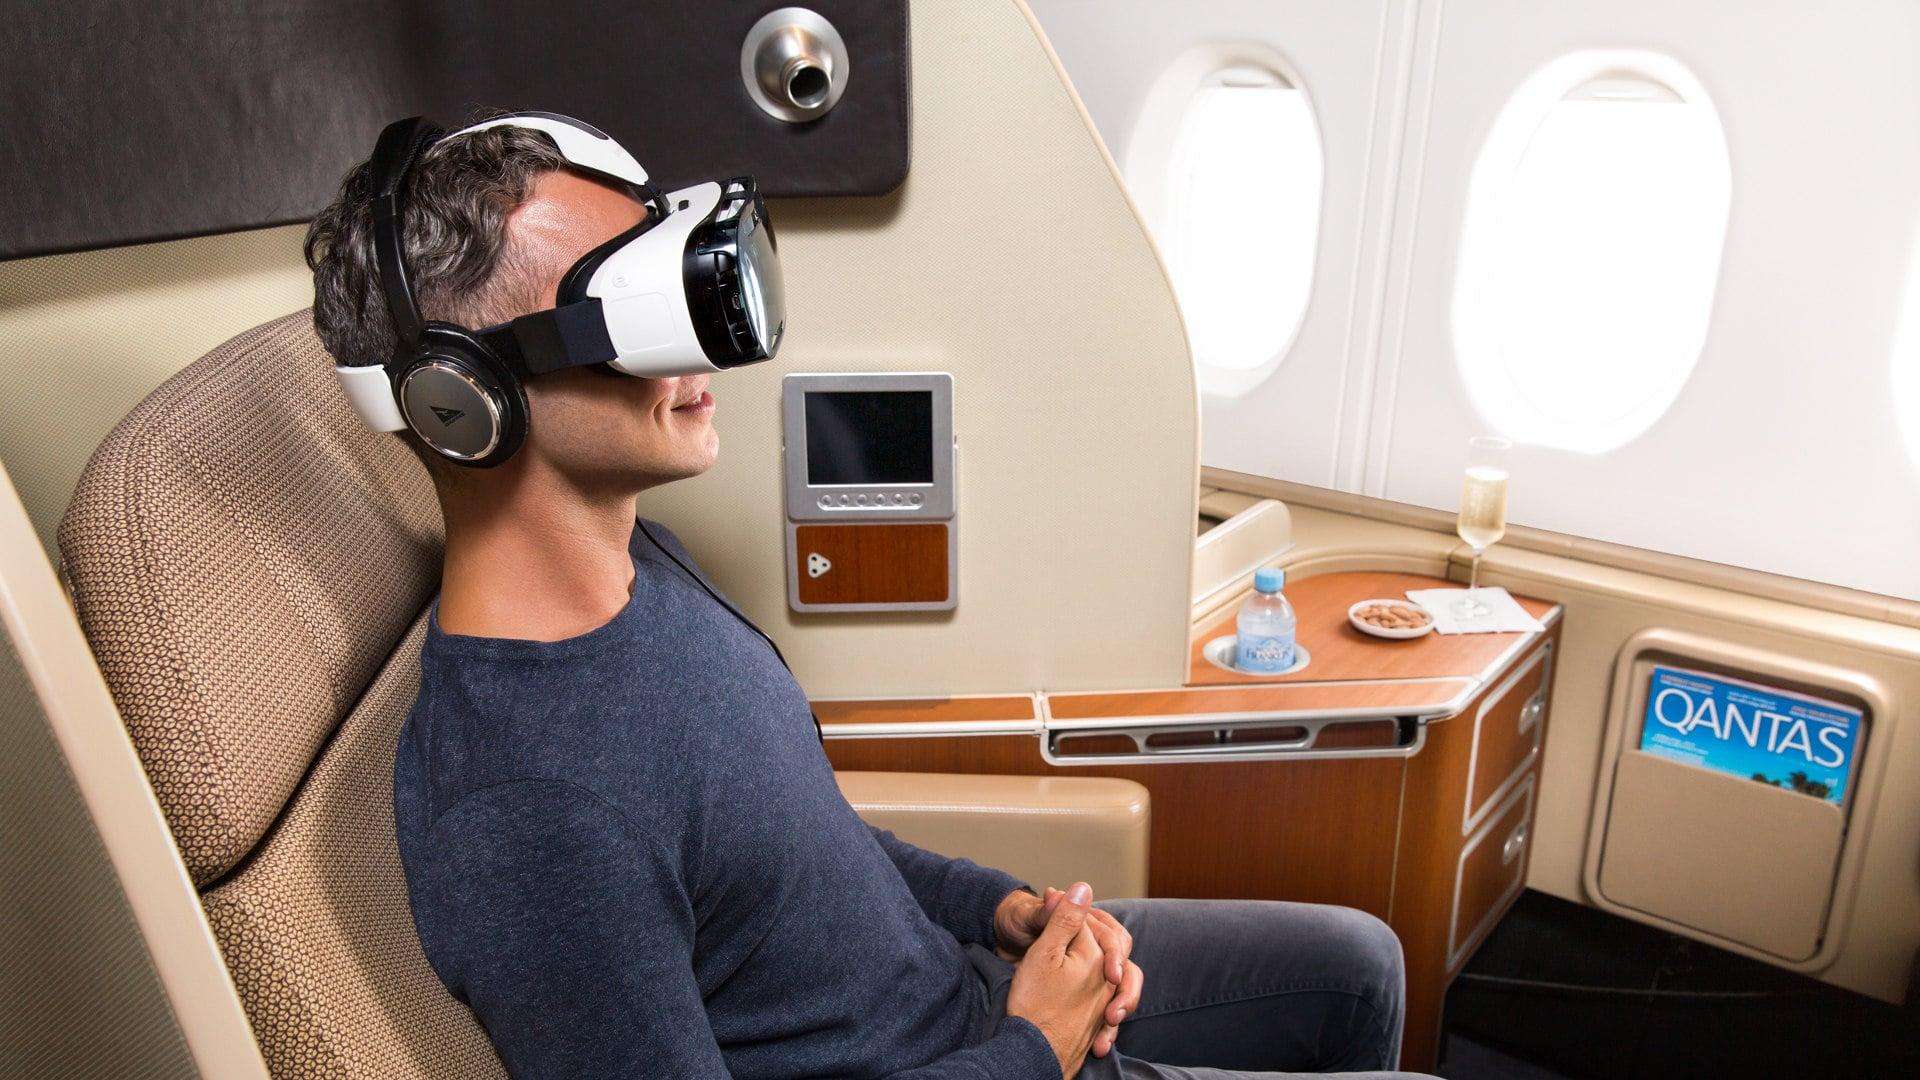 qantas-user-design